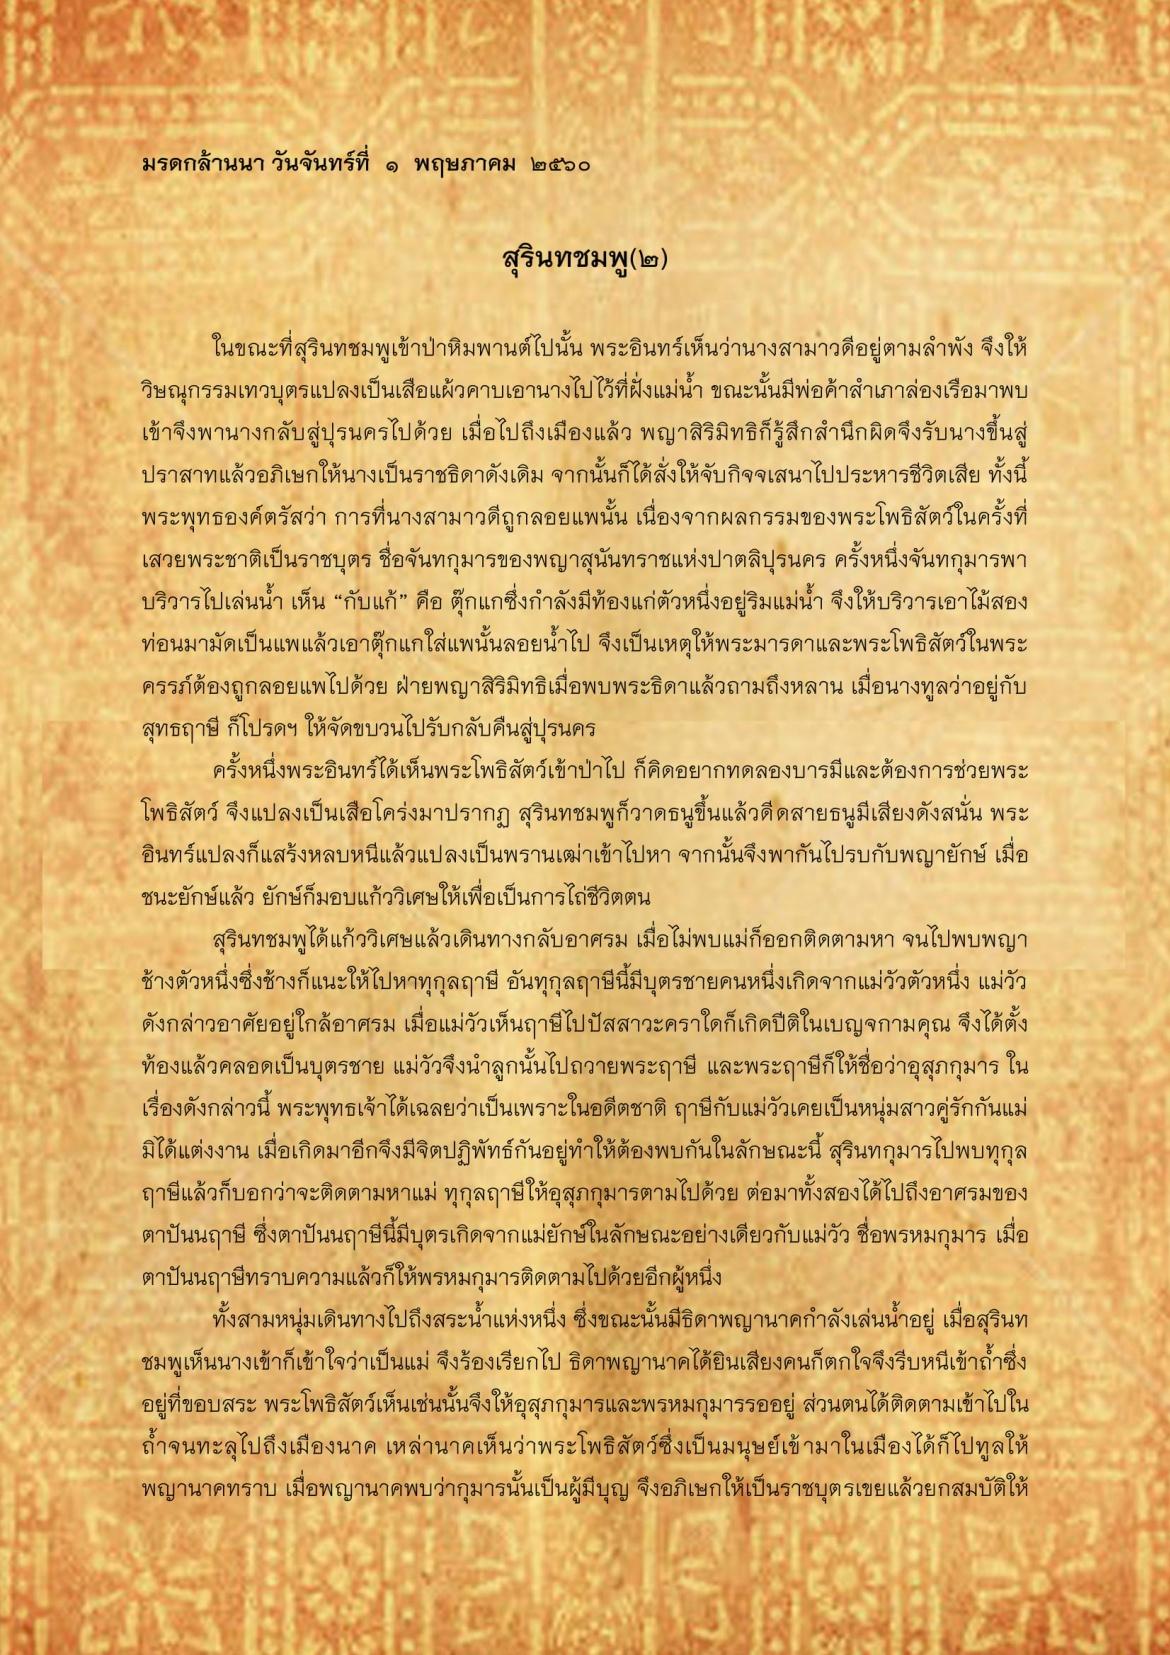 สุรินทชมพู(2) - 1 พฤษภาคม 2560